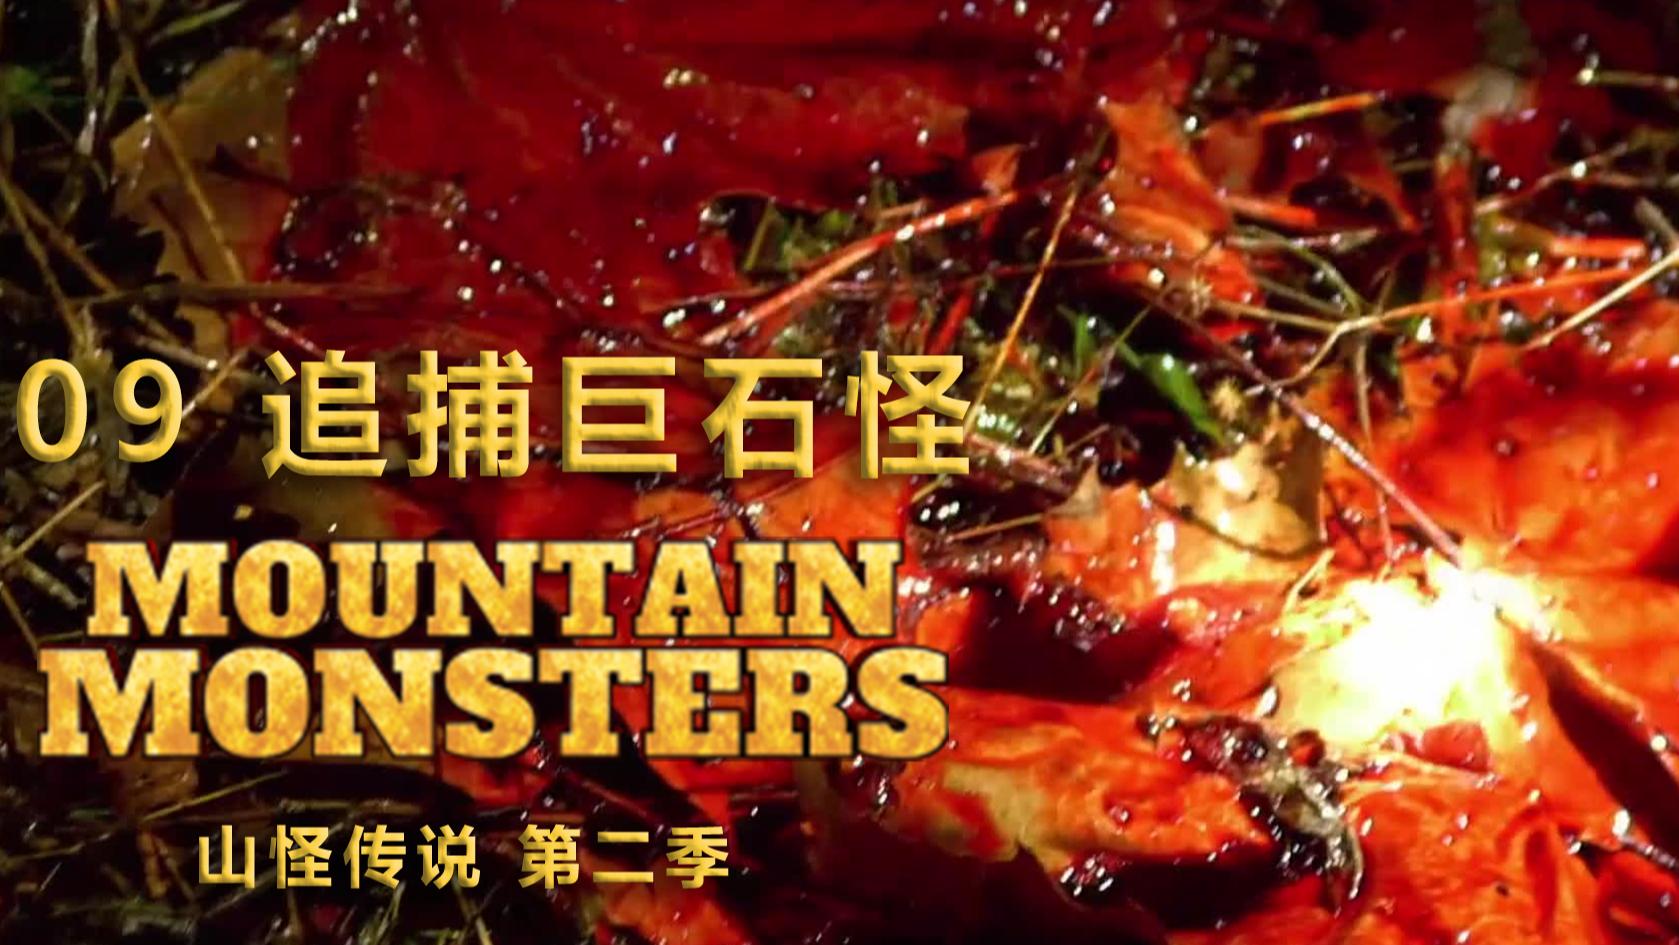 山怪传说 第二季:第9集 追捕巨石怪